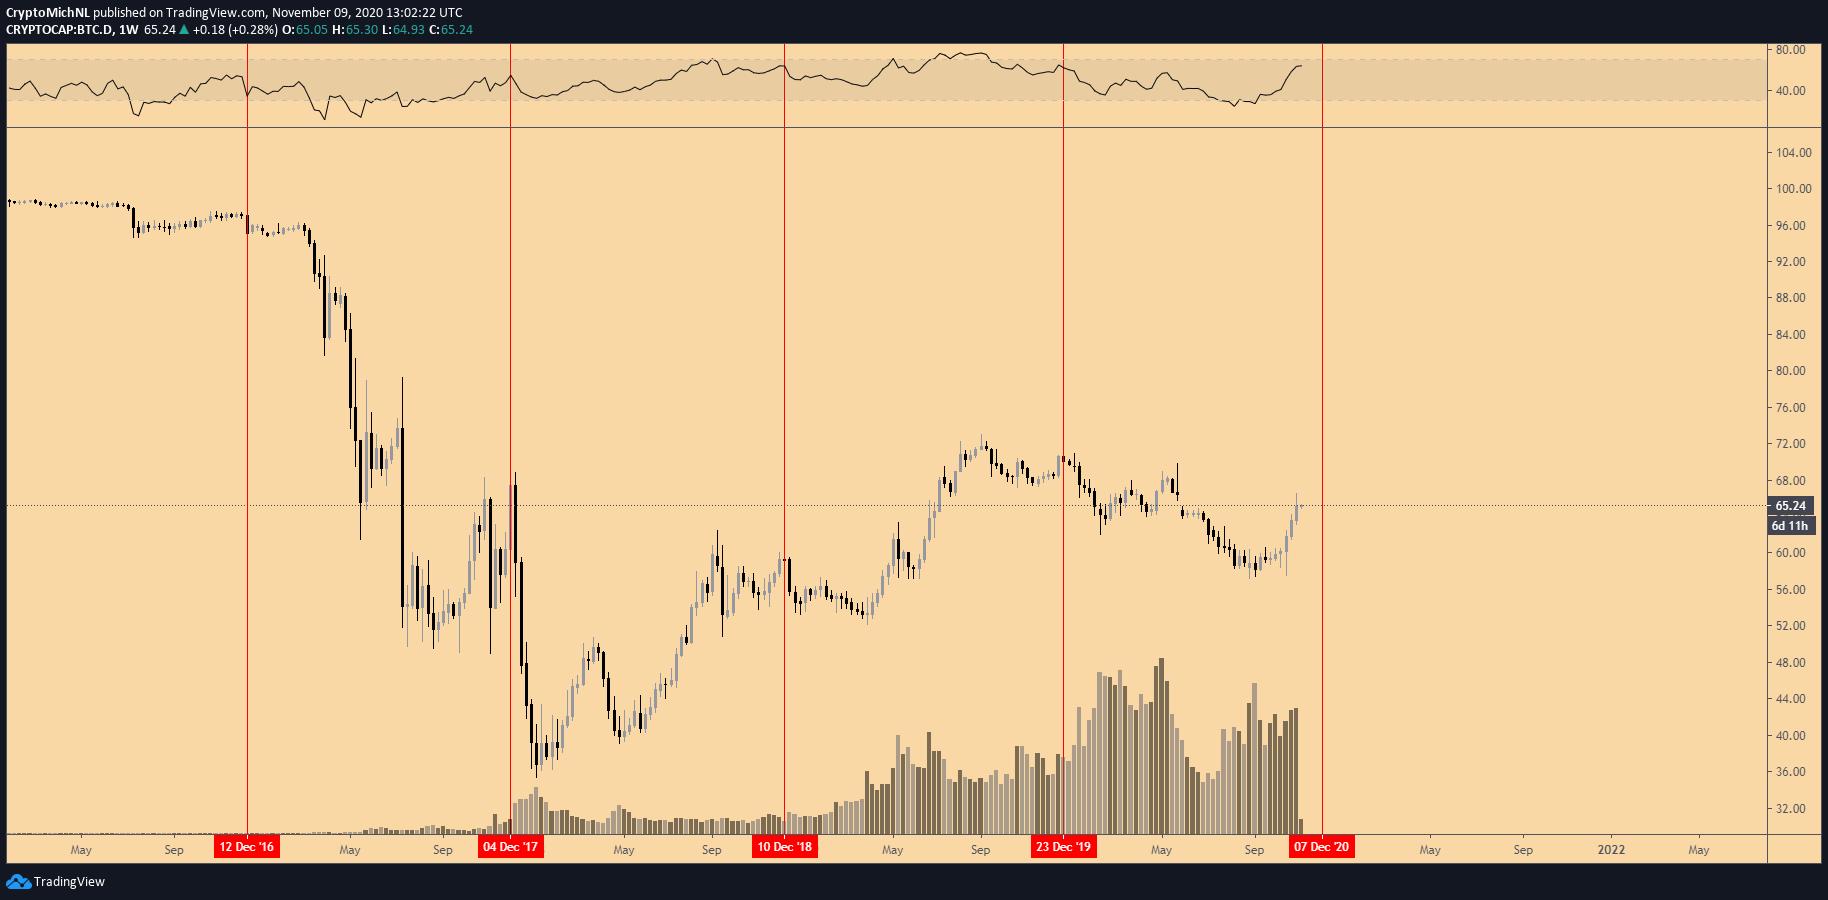 Grafico settimanale della dominance di Bitcoin